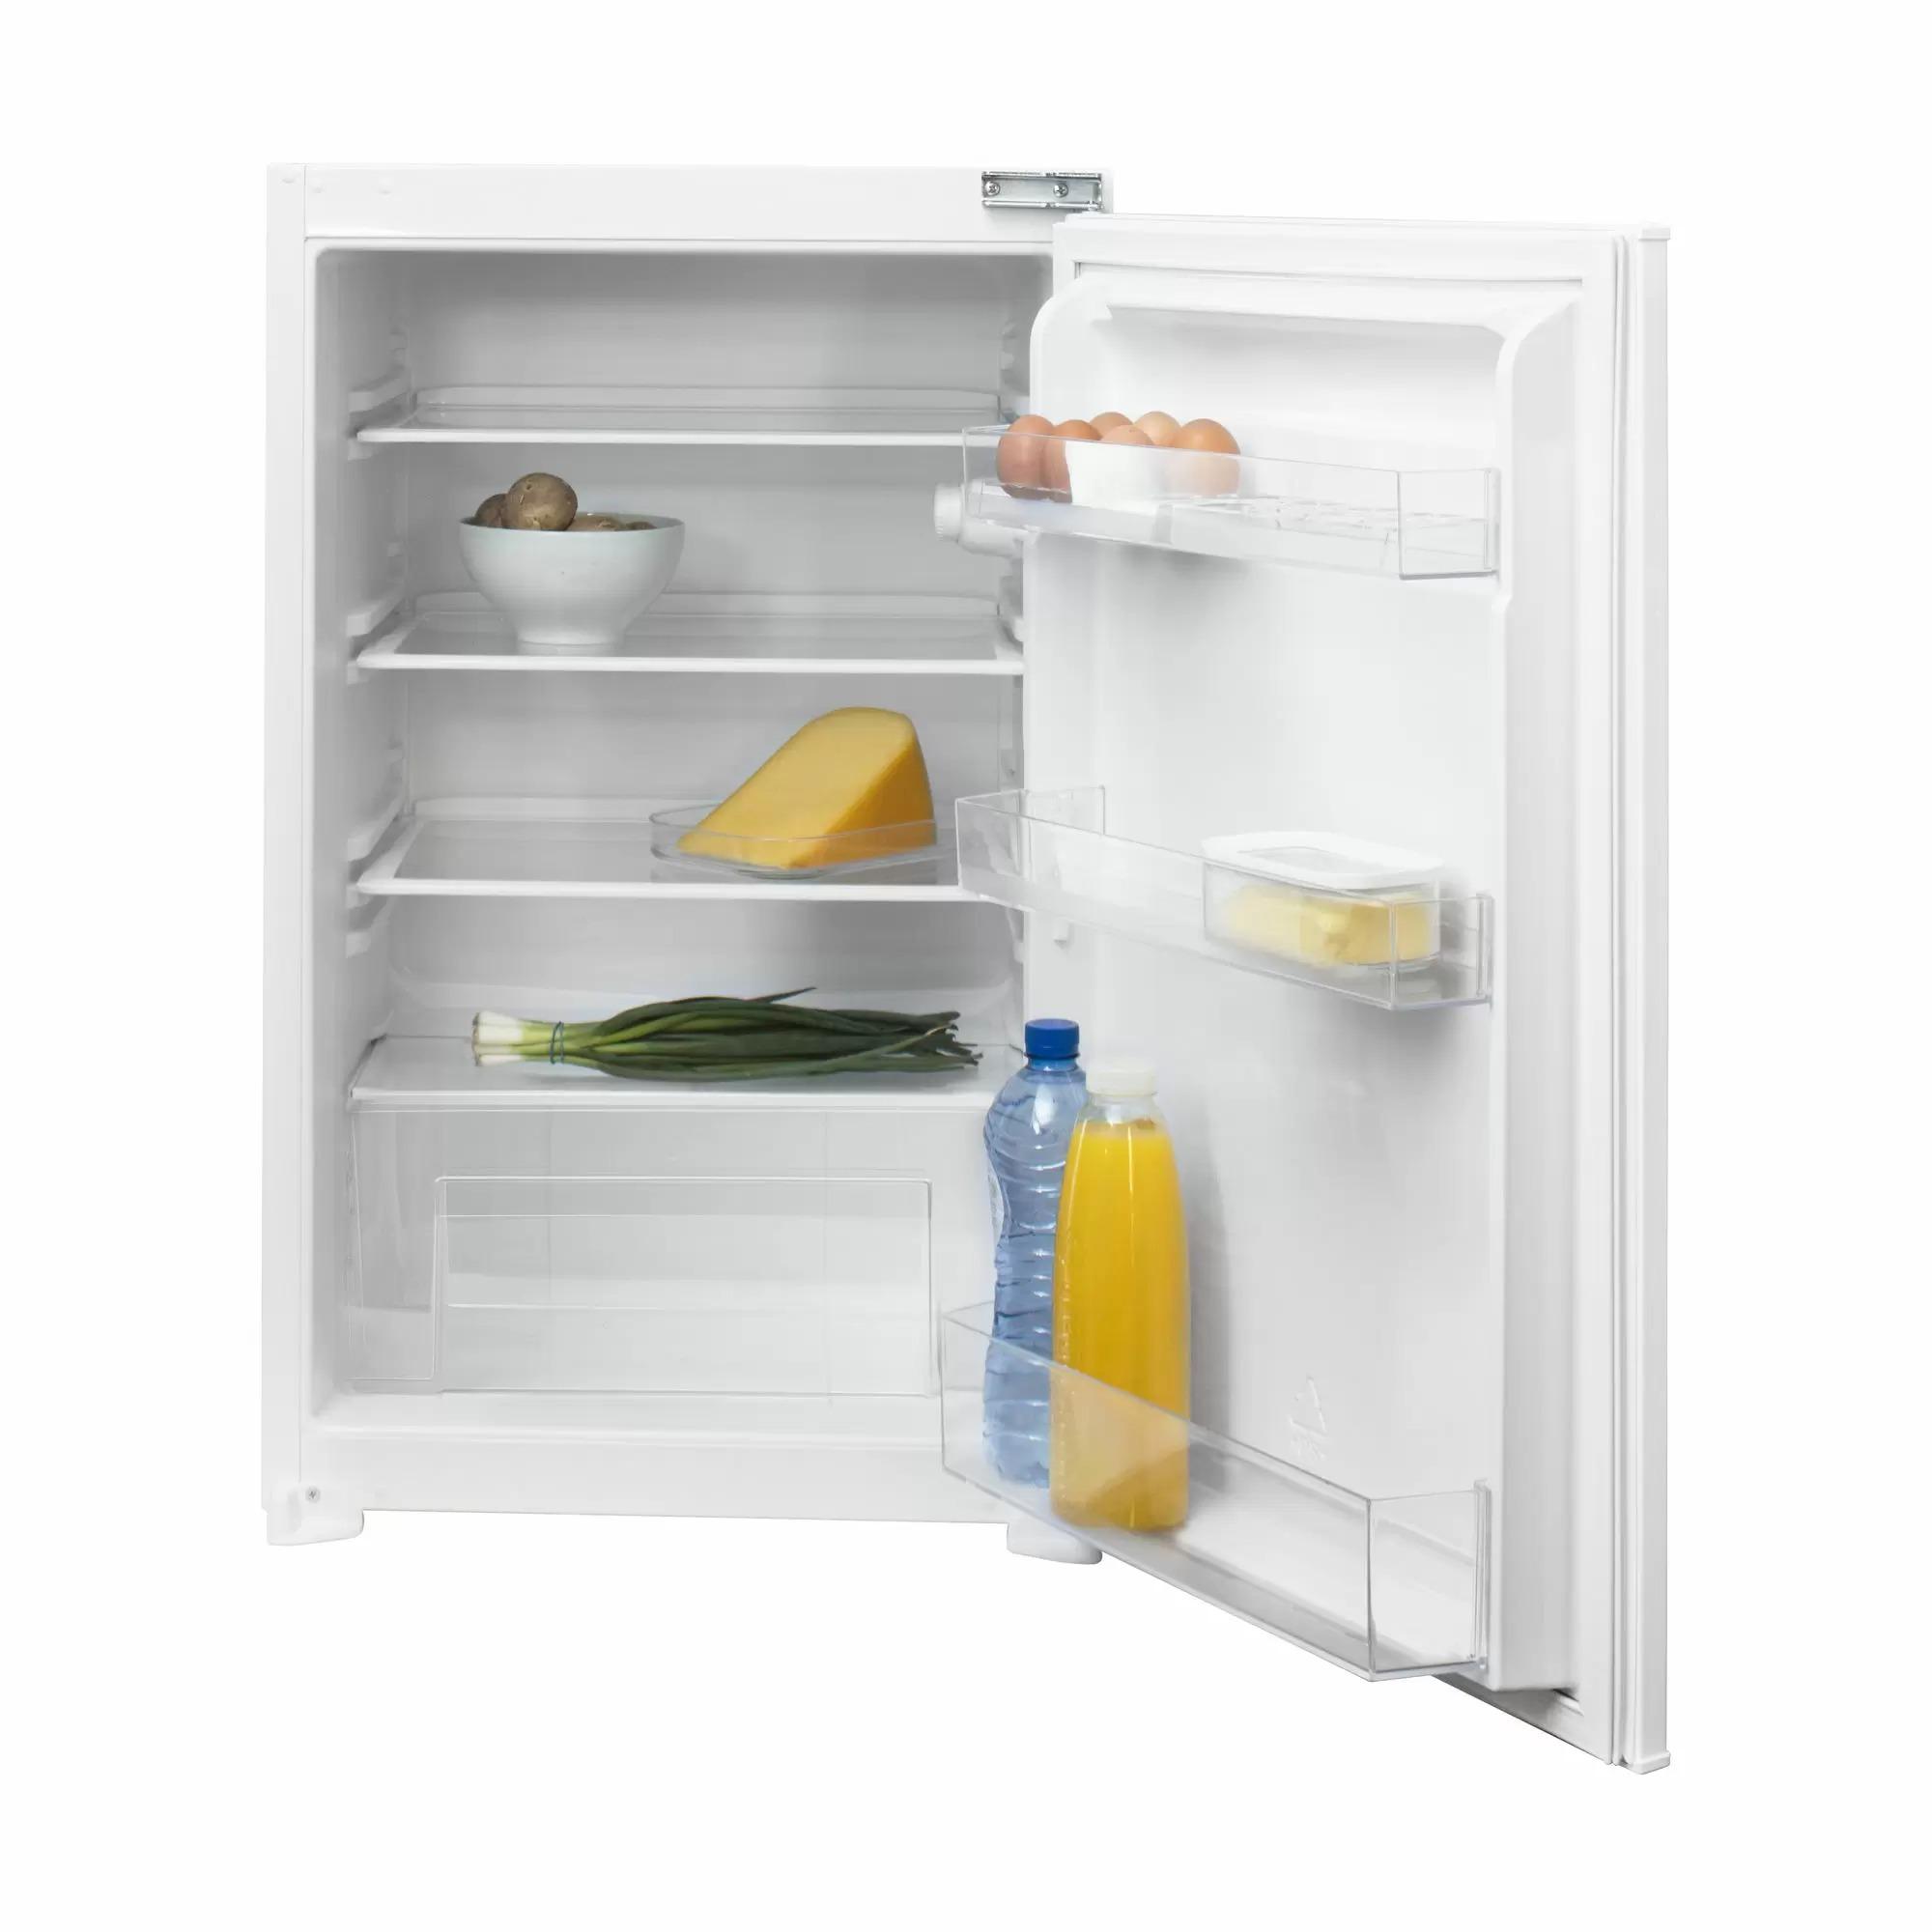 Inventum IKK0881S Inbouw koelkast Wit